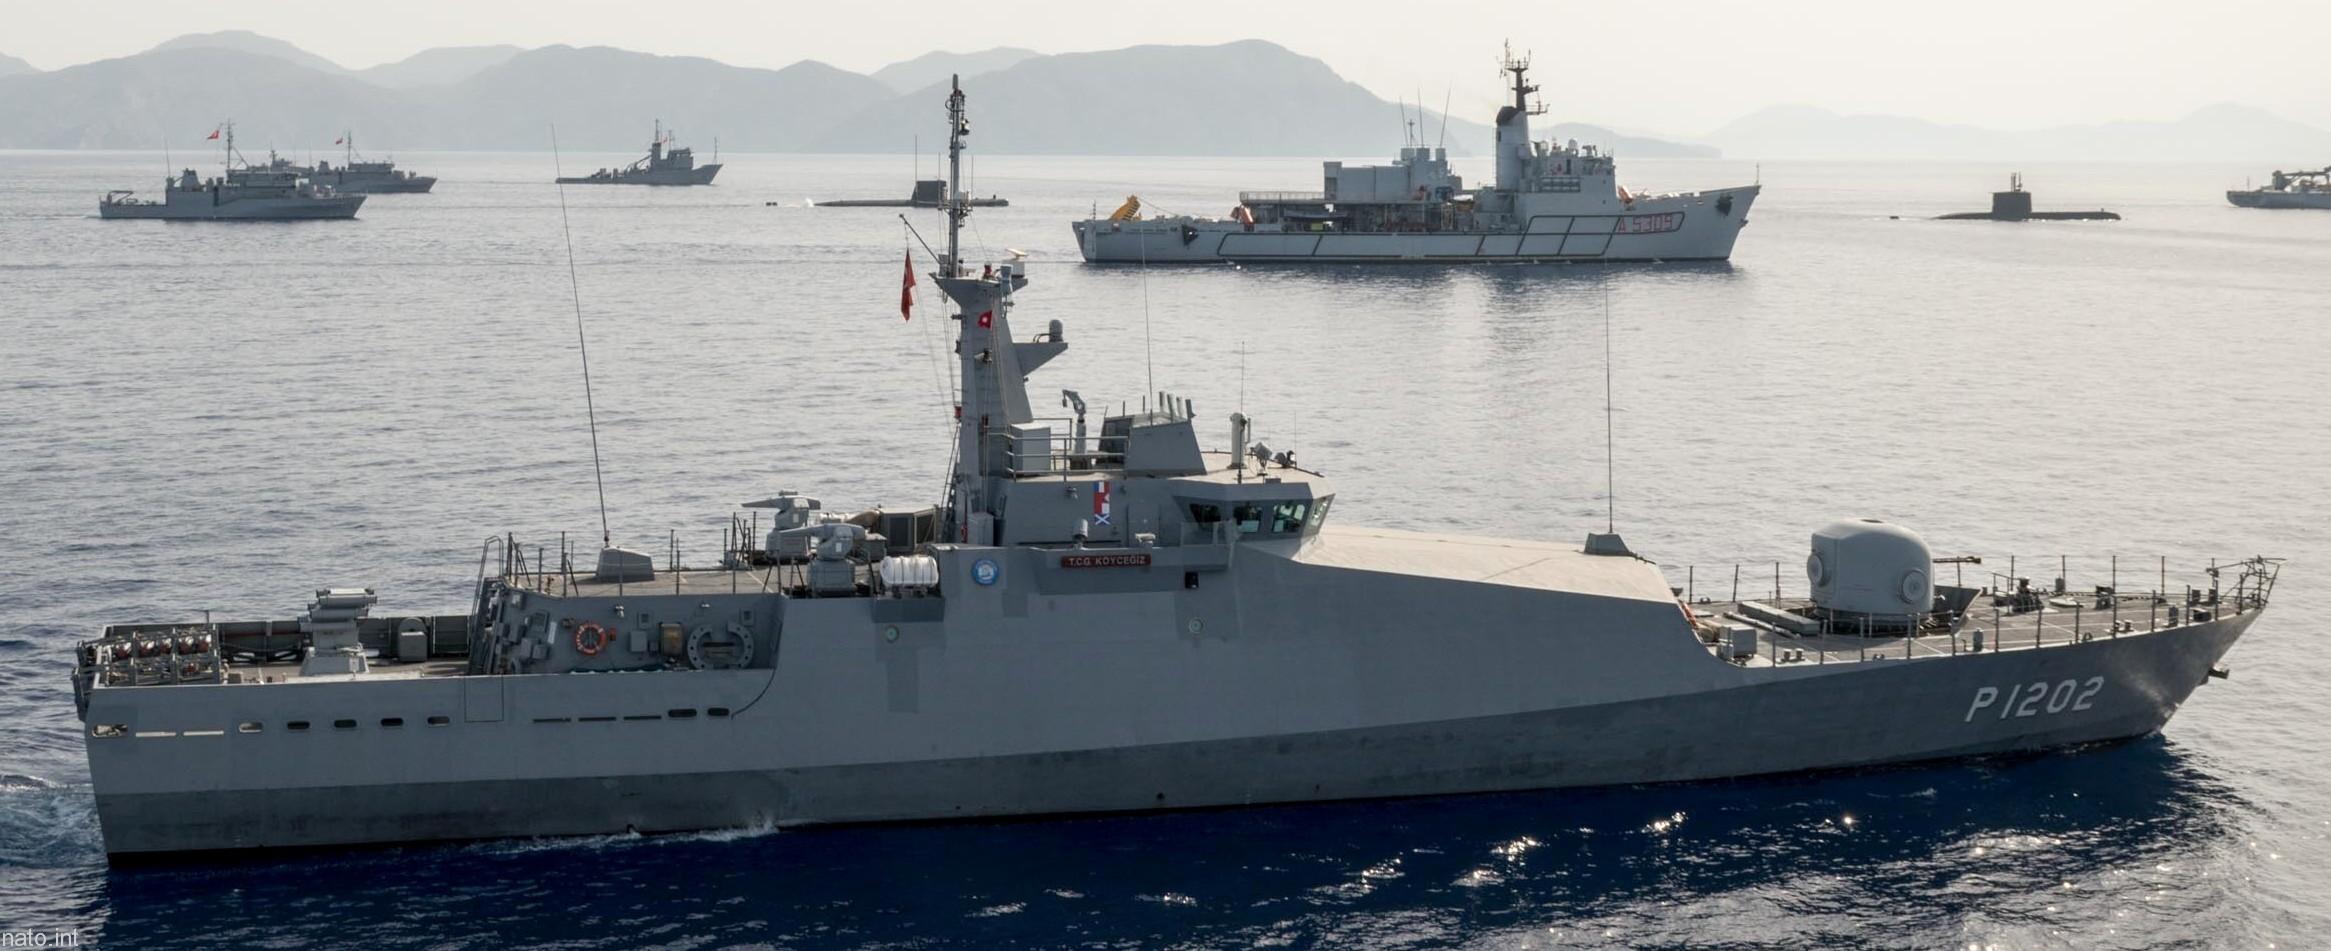 Unidades que pudiera poseer la Armada - Página 24 P1202-TCG-Koycediz-02